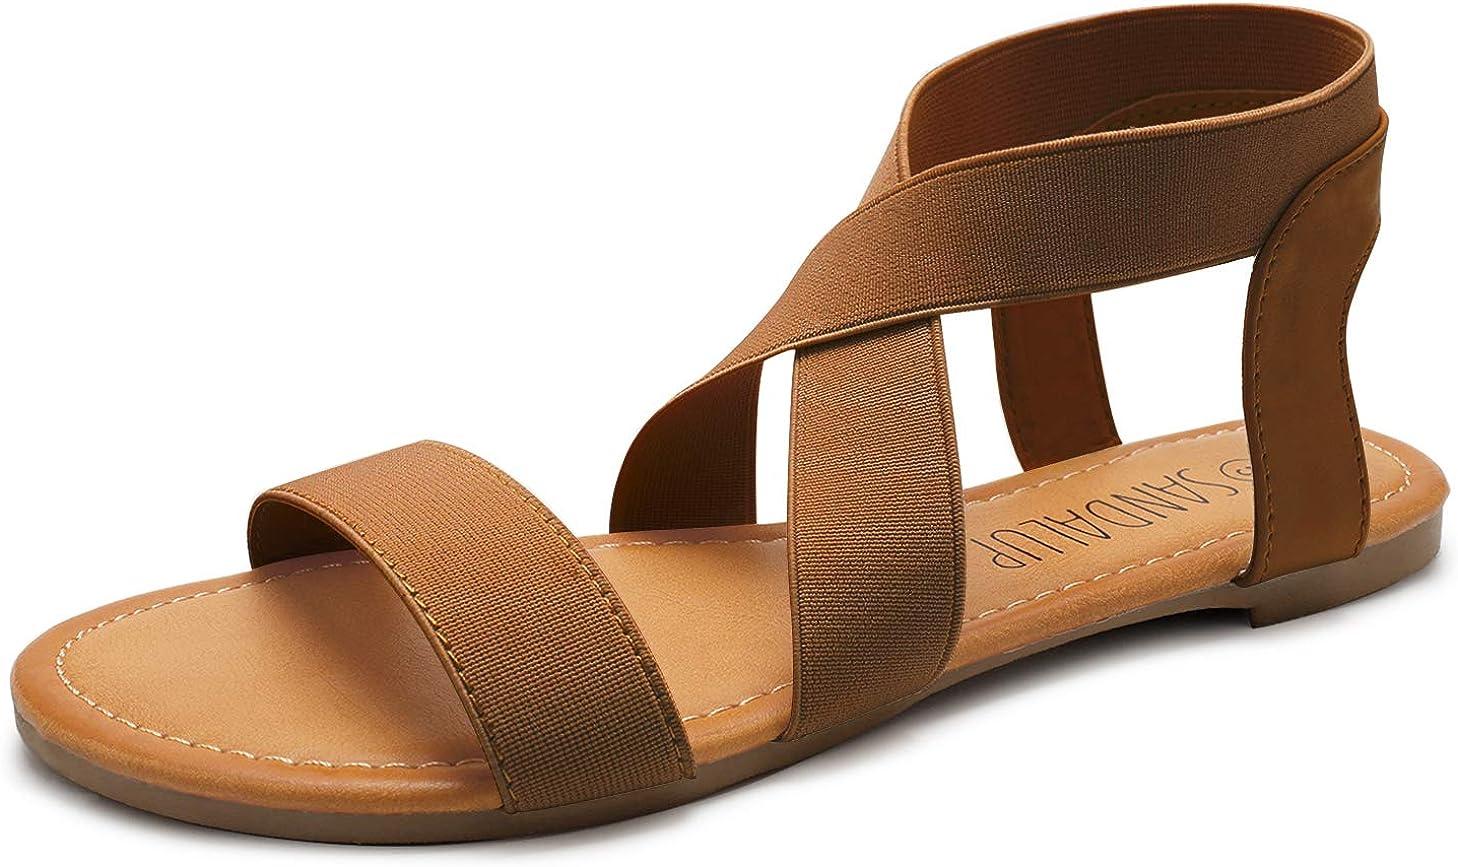 Sandalup Sandales plates confortables avec sangle de cheville /élastique pour femme